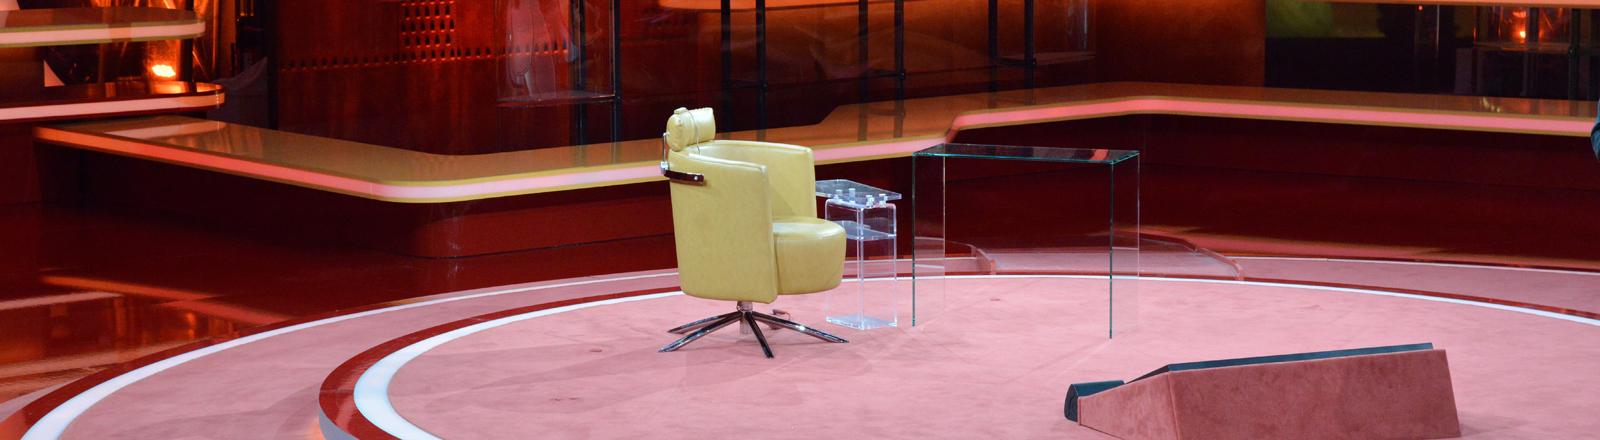 """Ein einzelner Sessel für den Moderator Günther Jauch, aufgenommen am 29.11.2015 vor der letzten ARD-Talksendung """"Günther Jauch"""" zum Thema """"Am Ende eines Krisenjahres - Wolfgang Schäuble bei Günther Jauch"""" im Studio des Berlin Gasometer."""